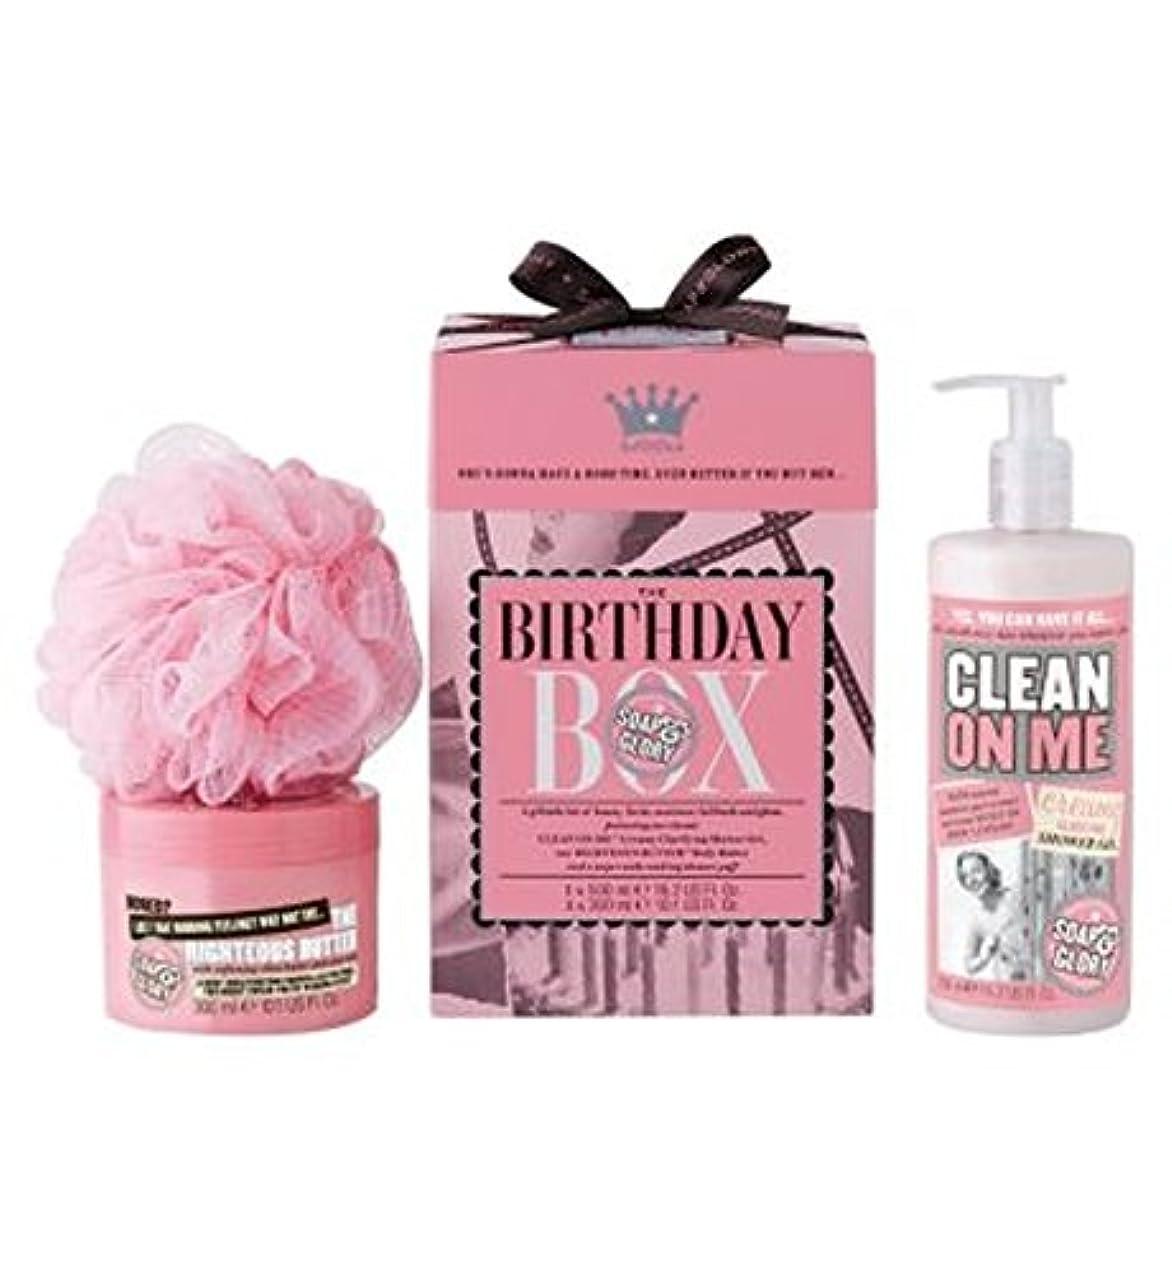 投げる年次可愛いSoap & Glory The Birthday Box Gift Set - 石鹸&栄光の誕生日箱のギフトセット (Soap & Glory) [並行輸入品]